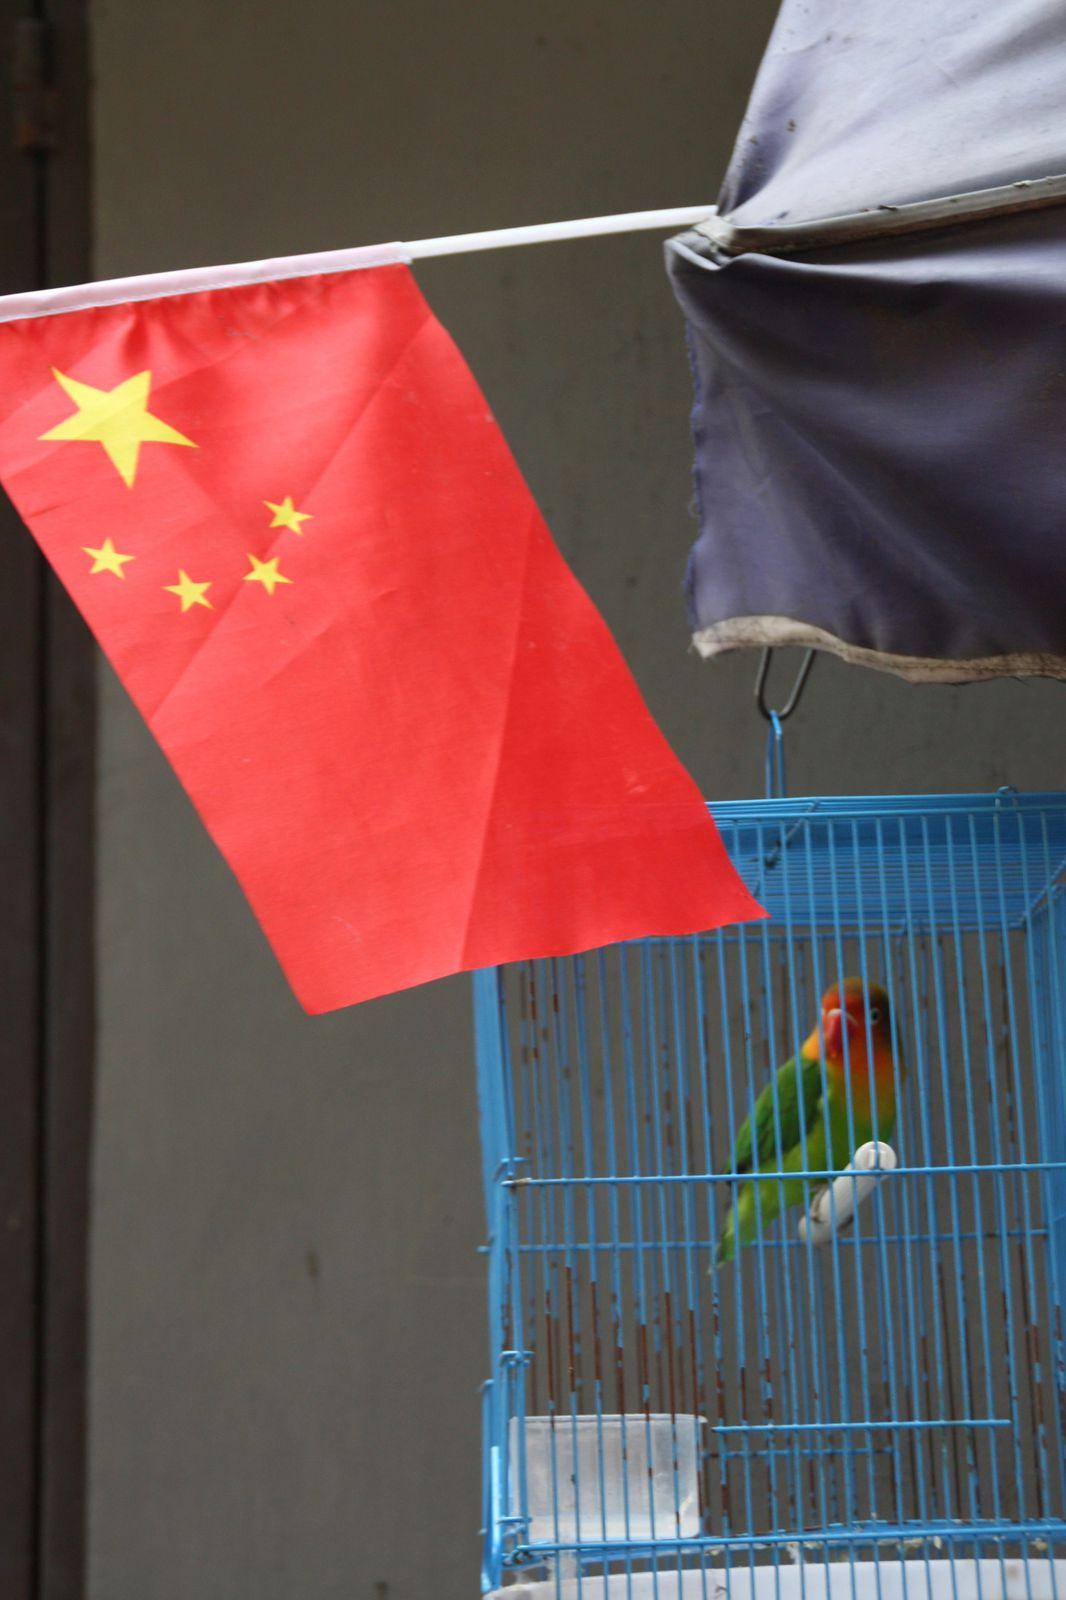 ALBUM - CHINE 2010 : UN SAMEDI A HANGZHOU